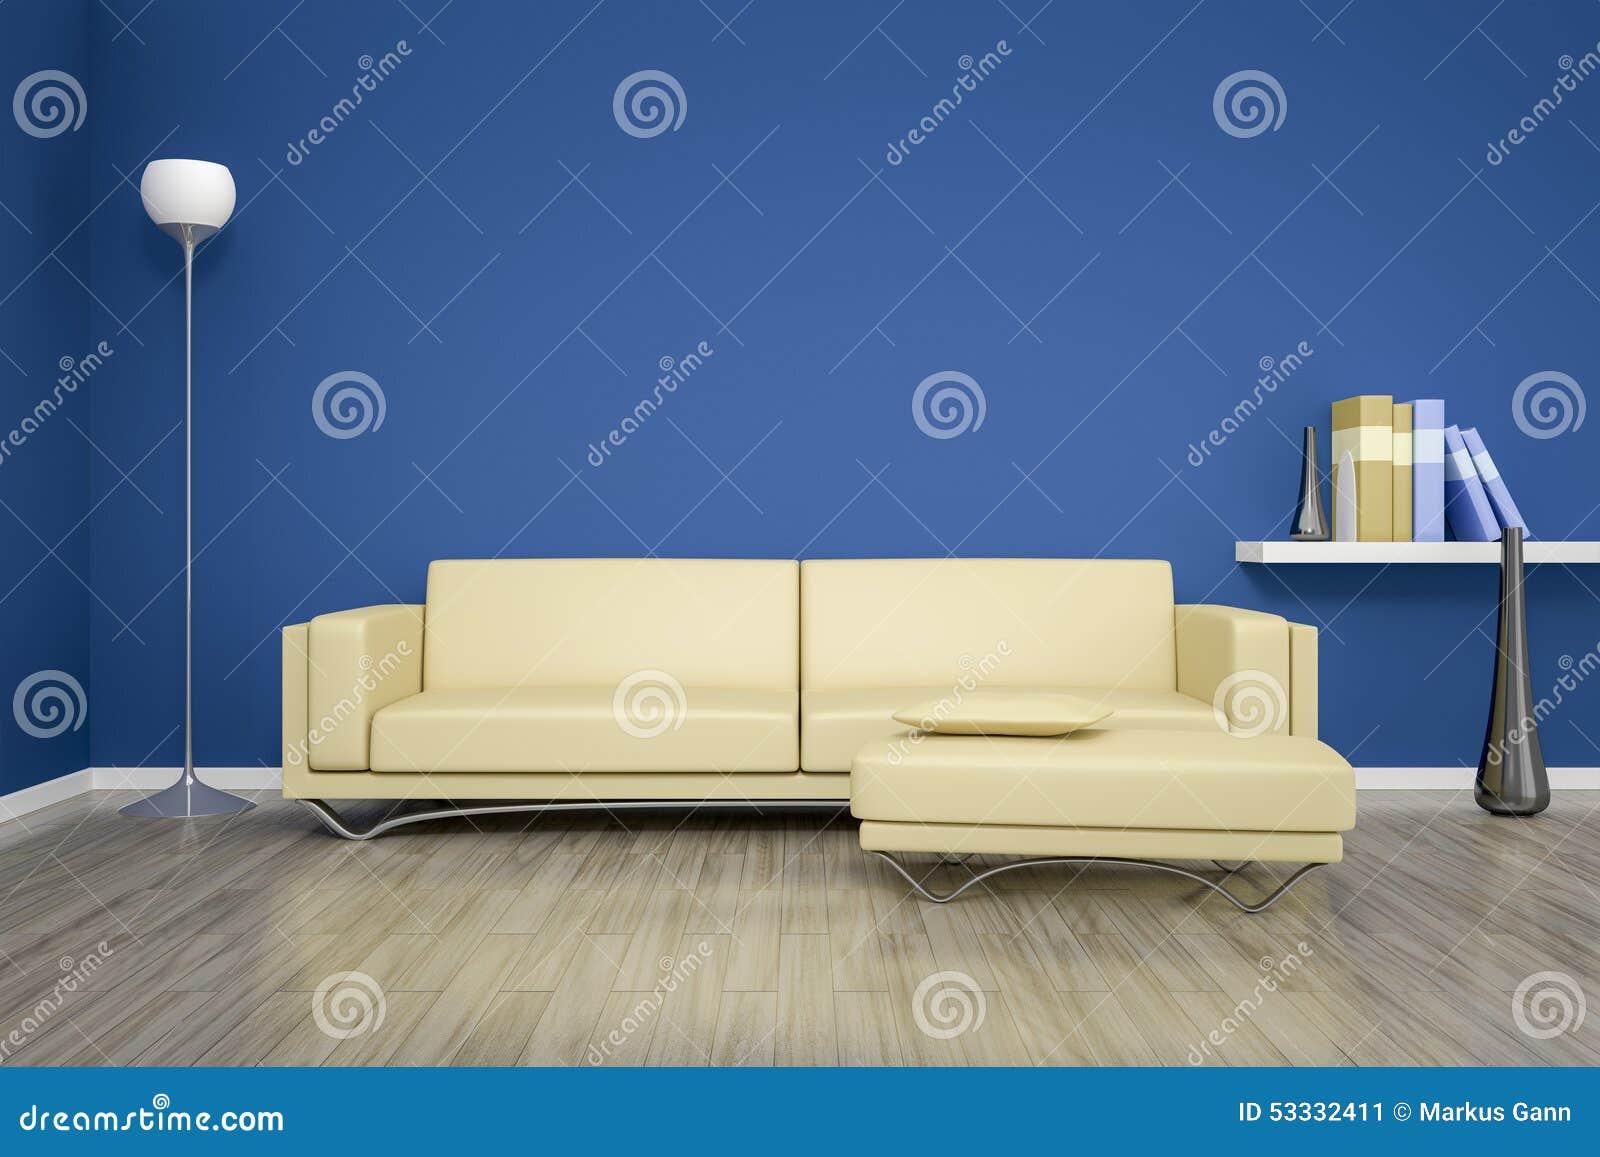 Blått rum med en soffa